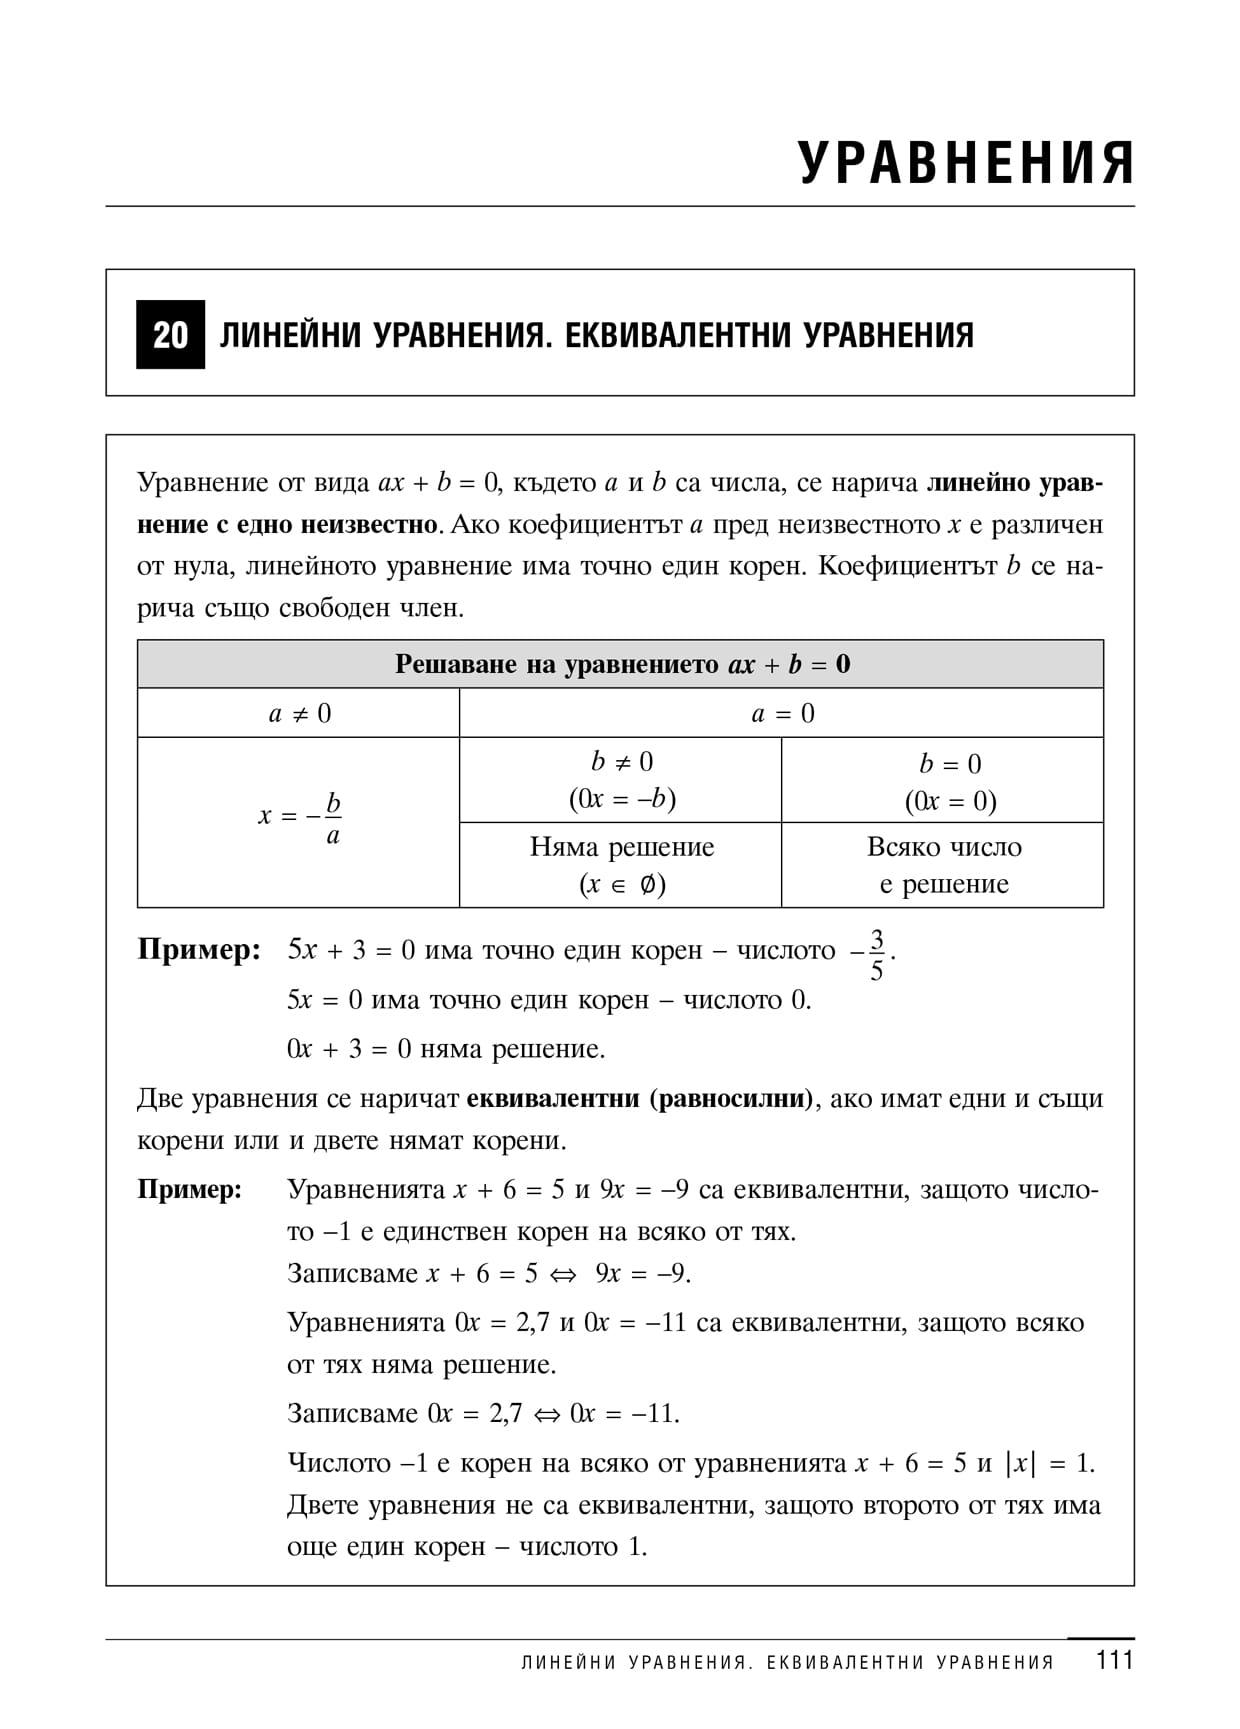 математический форум по решению задач